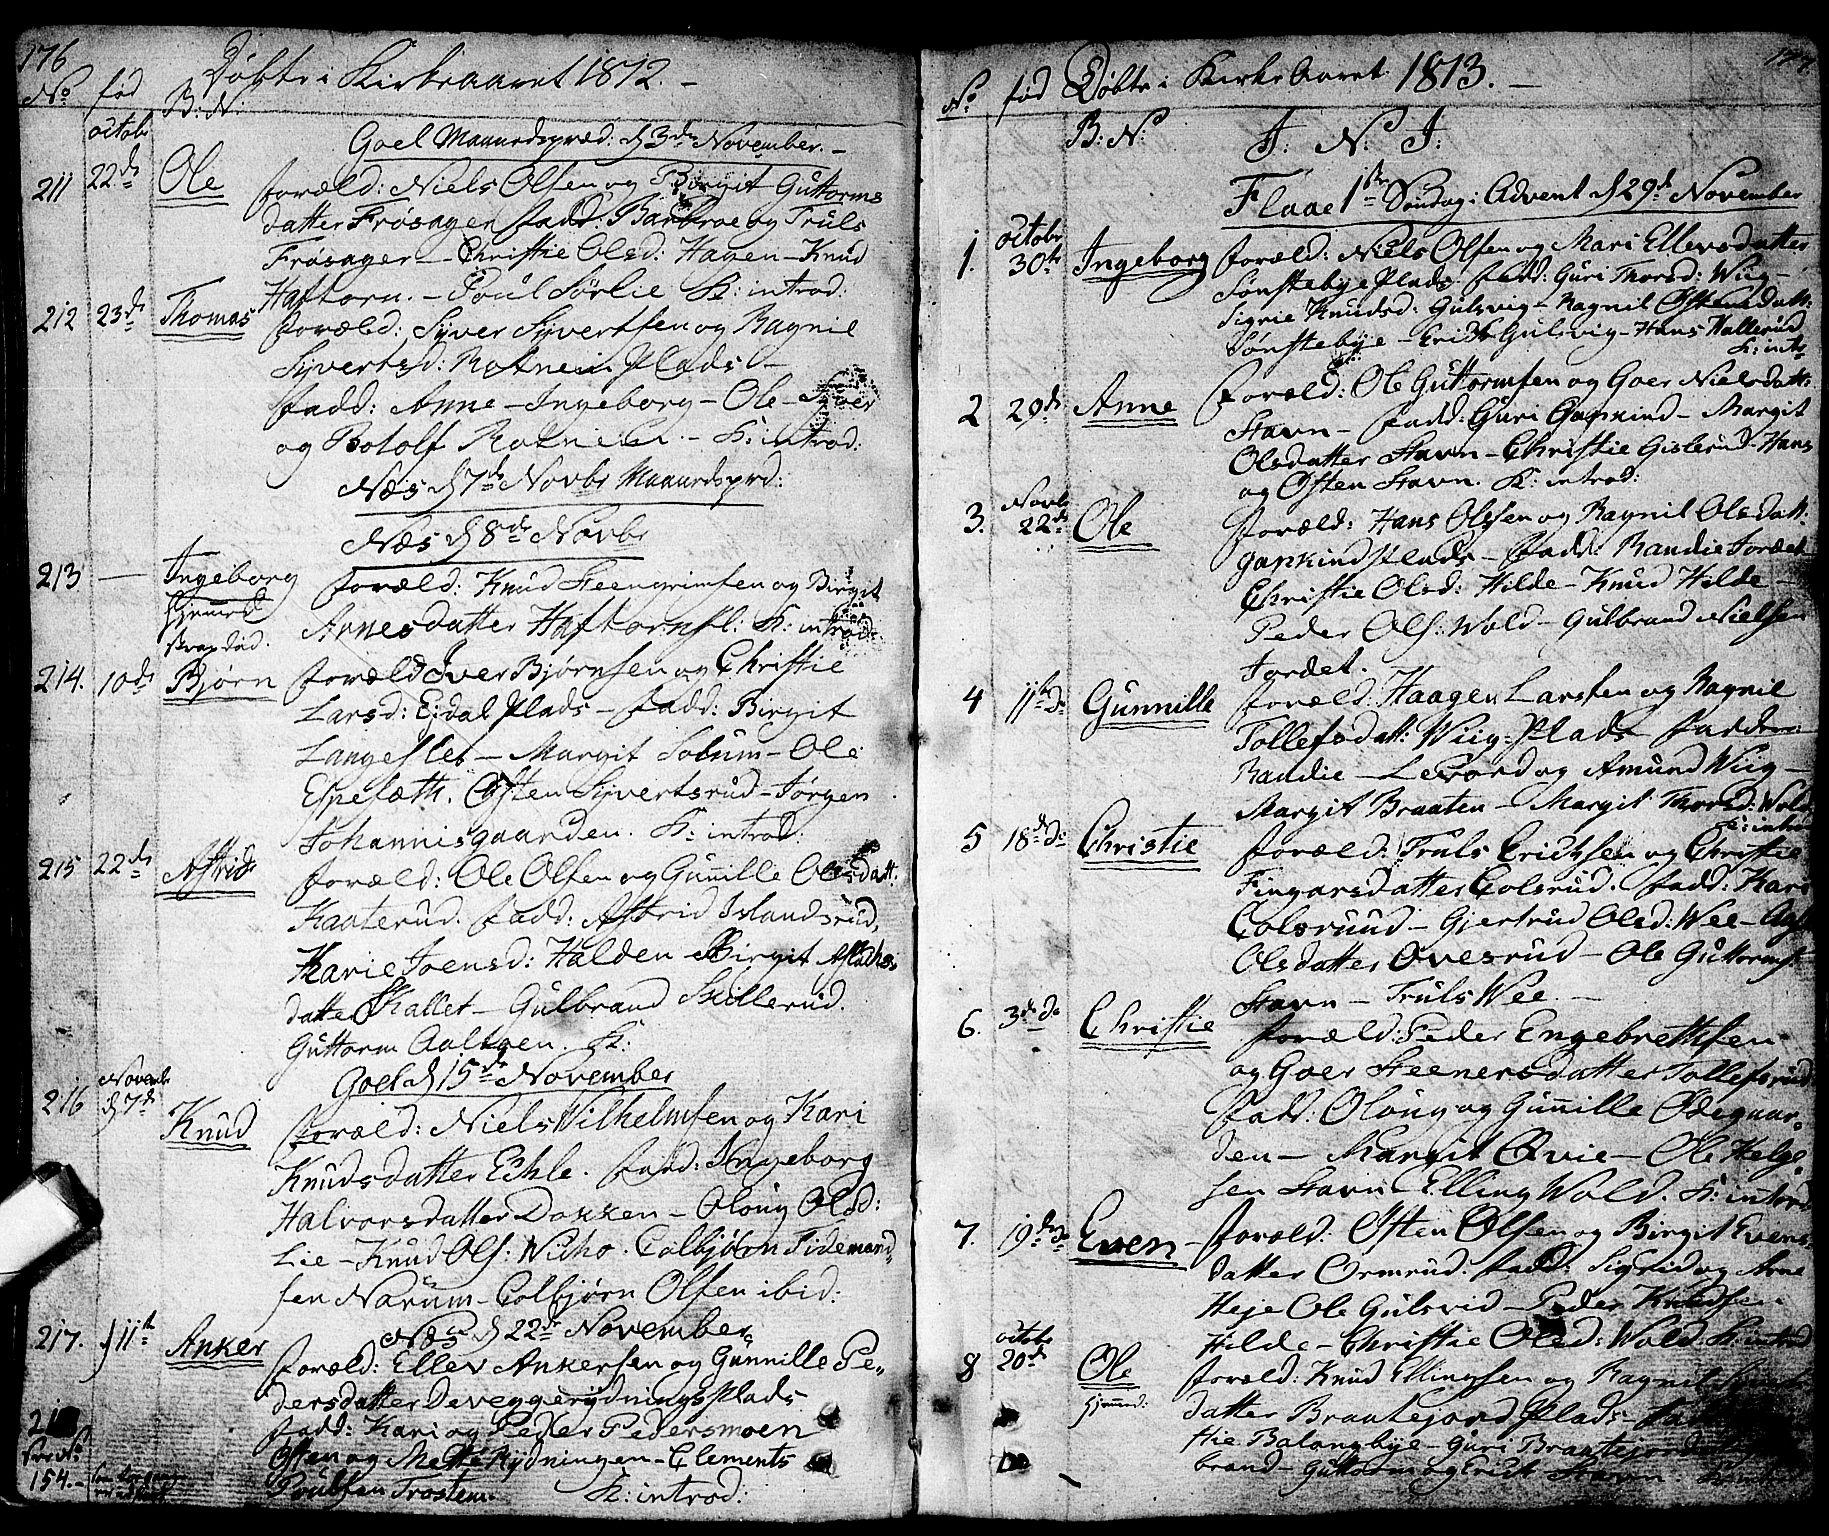 SAKO, Nes kirkebøker, F/Fa/L0006: Ministerialbok nr. 6, 1808-1814, s. 176-177